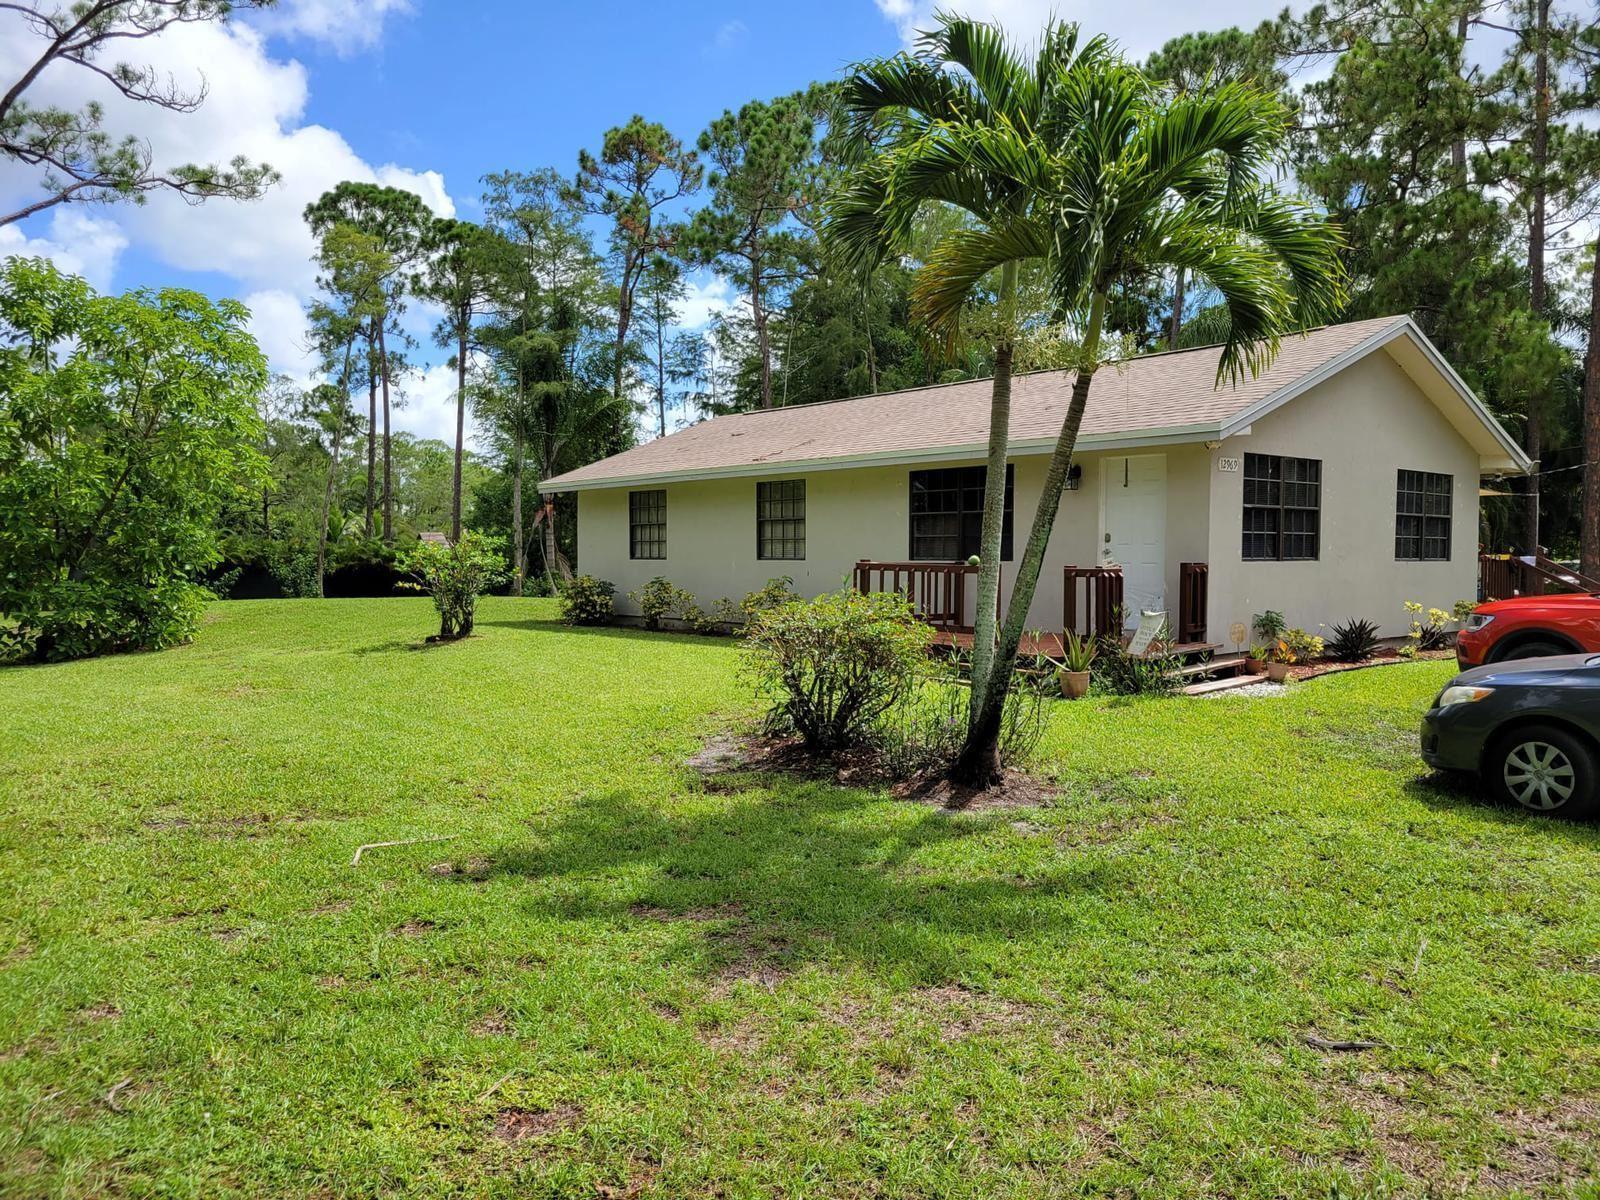 12969 52nd Road N, West Palm Beach, FL 33411 - MLS#: RX-10728947